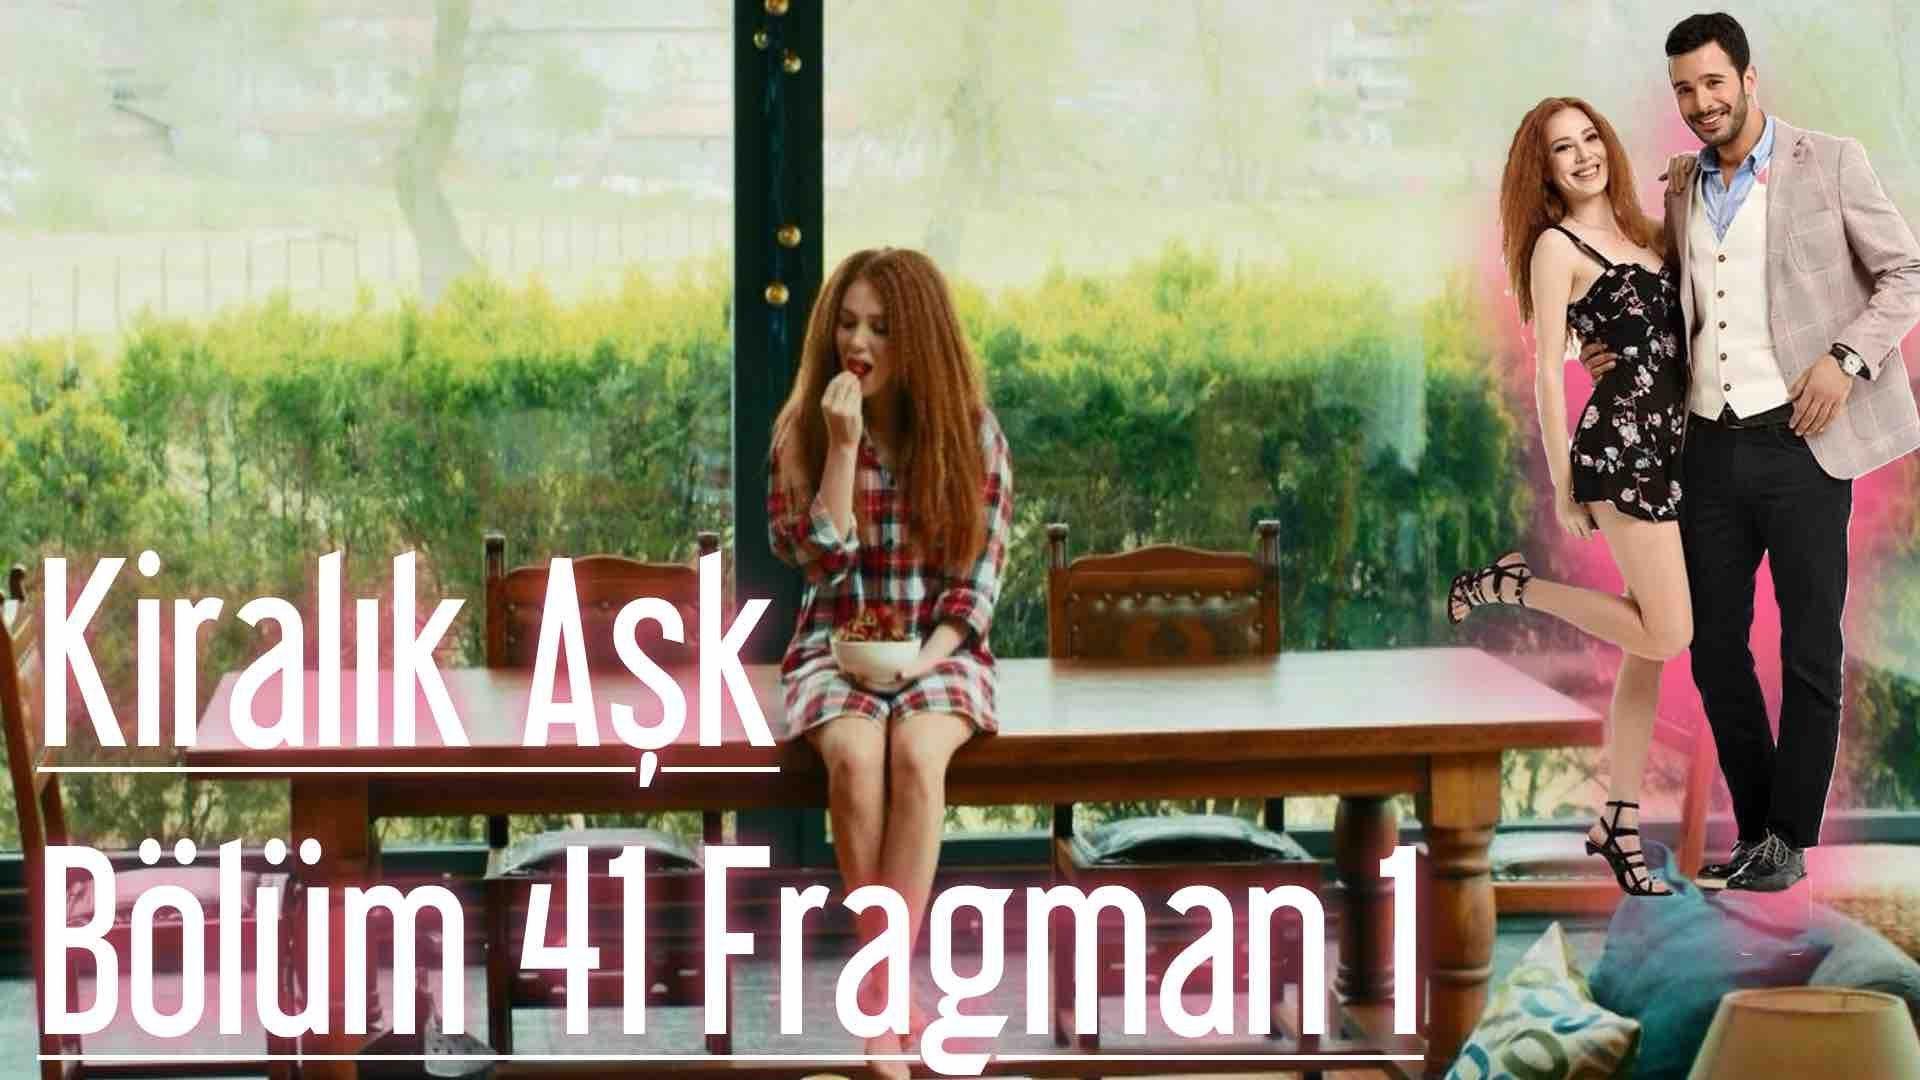 Kiralık Aşk 41. Bölüm Fragman